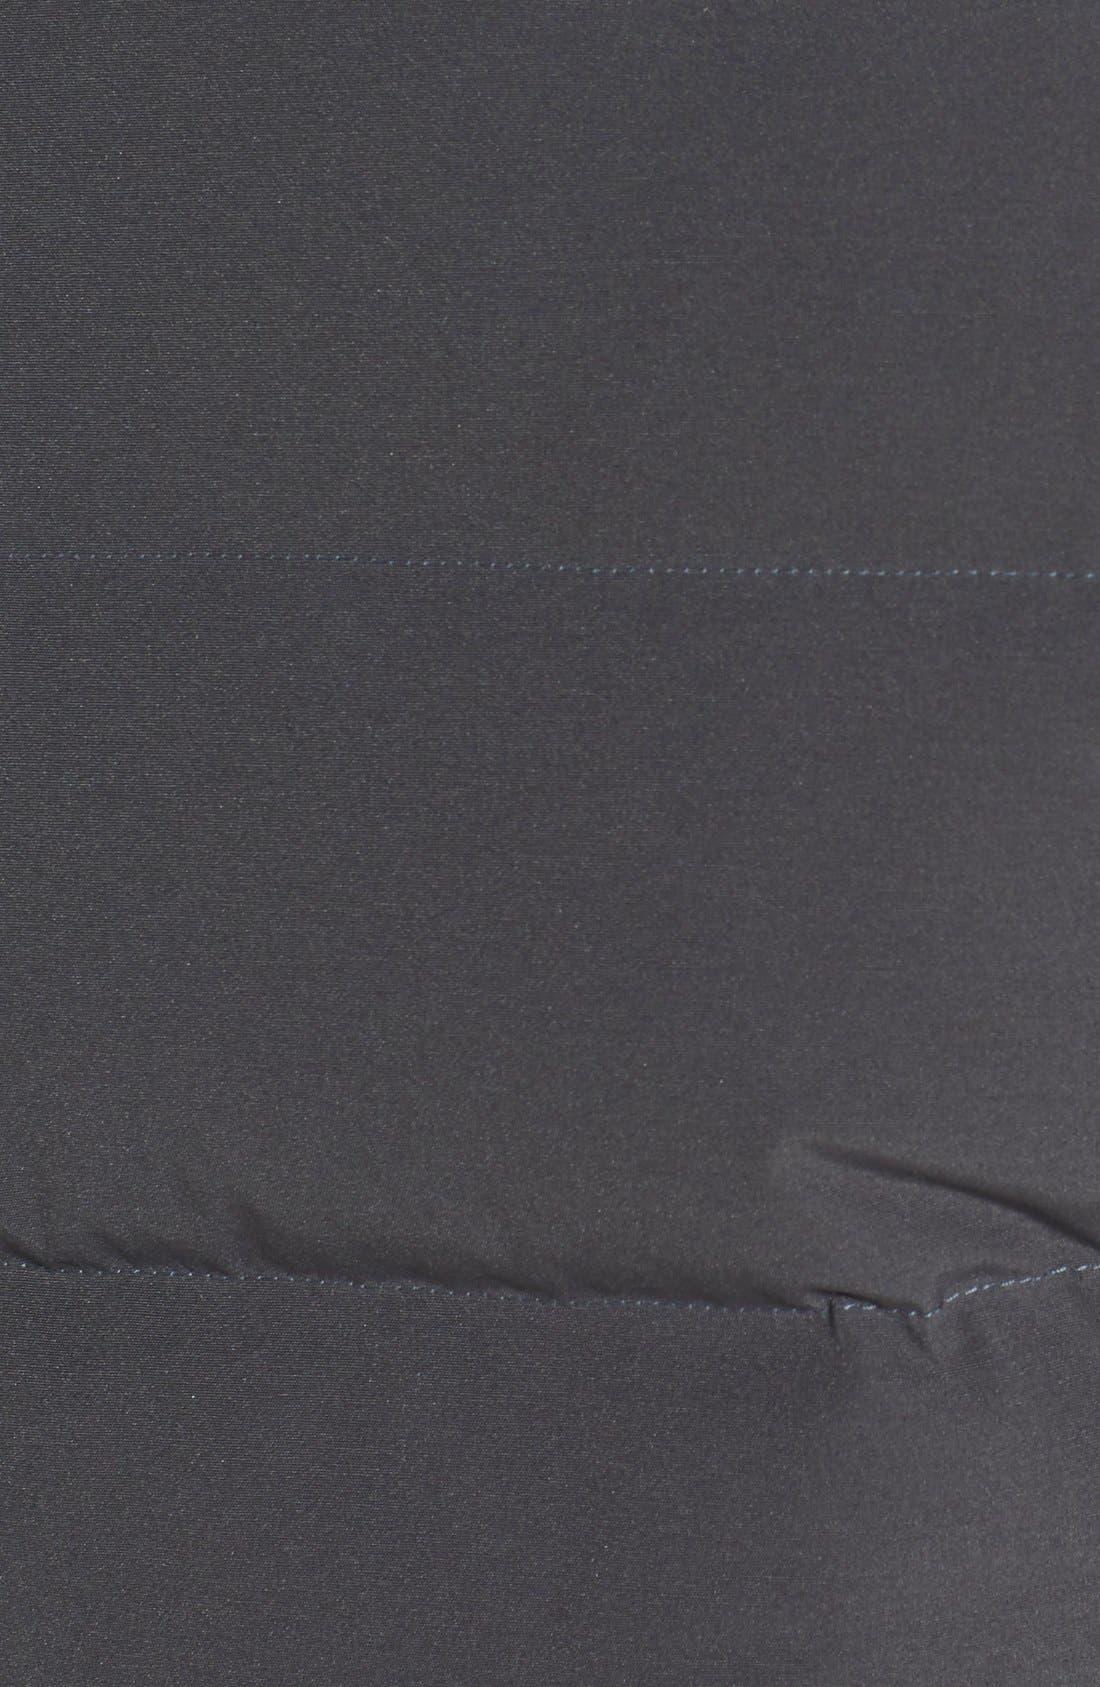 'Freestyle' Slim Fit Down Vest,                             Alternate thumbnail 2, color,                             GRAPHITE